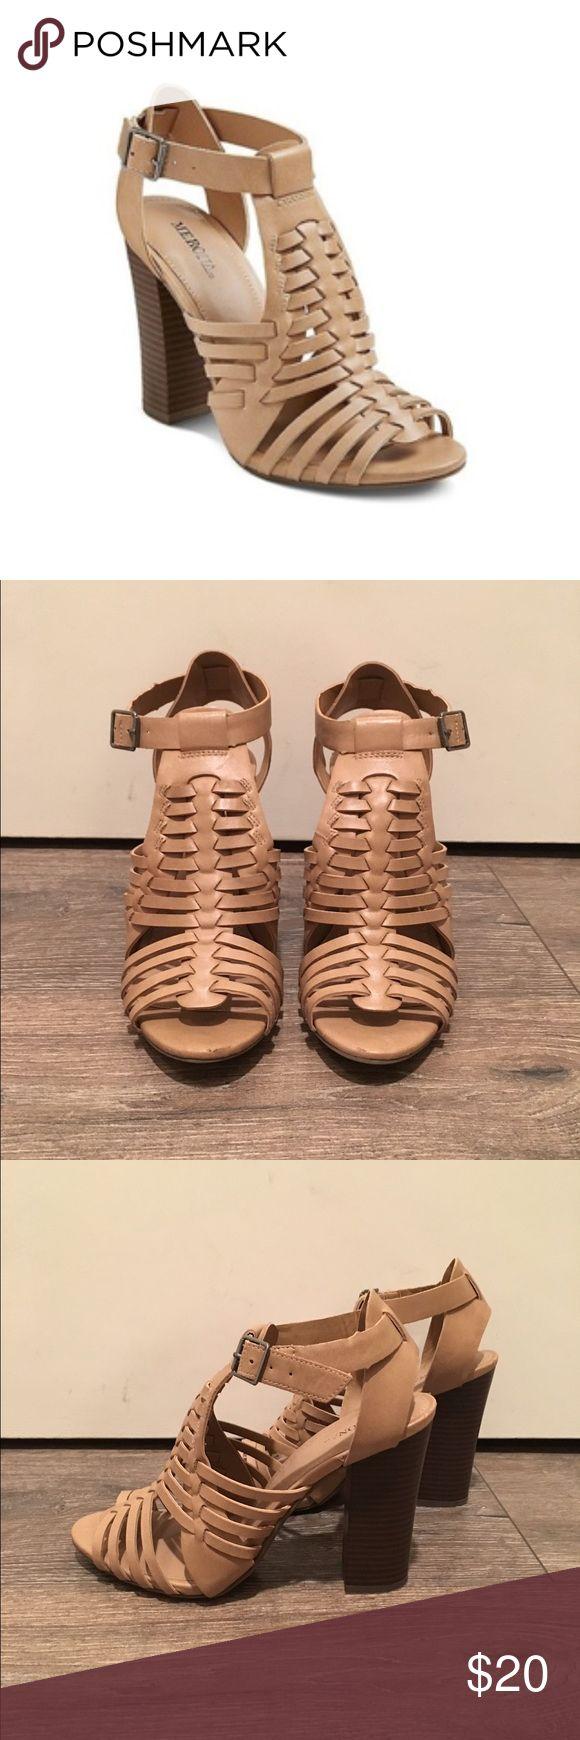 """Merona Missi Caged Heel Sandal Pumps Merona Missi Caged Heel Sandal Pumps. 4"""" heel Merona Shoes Heels"""